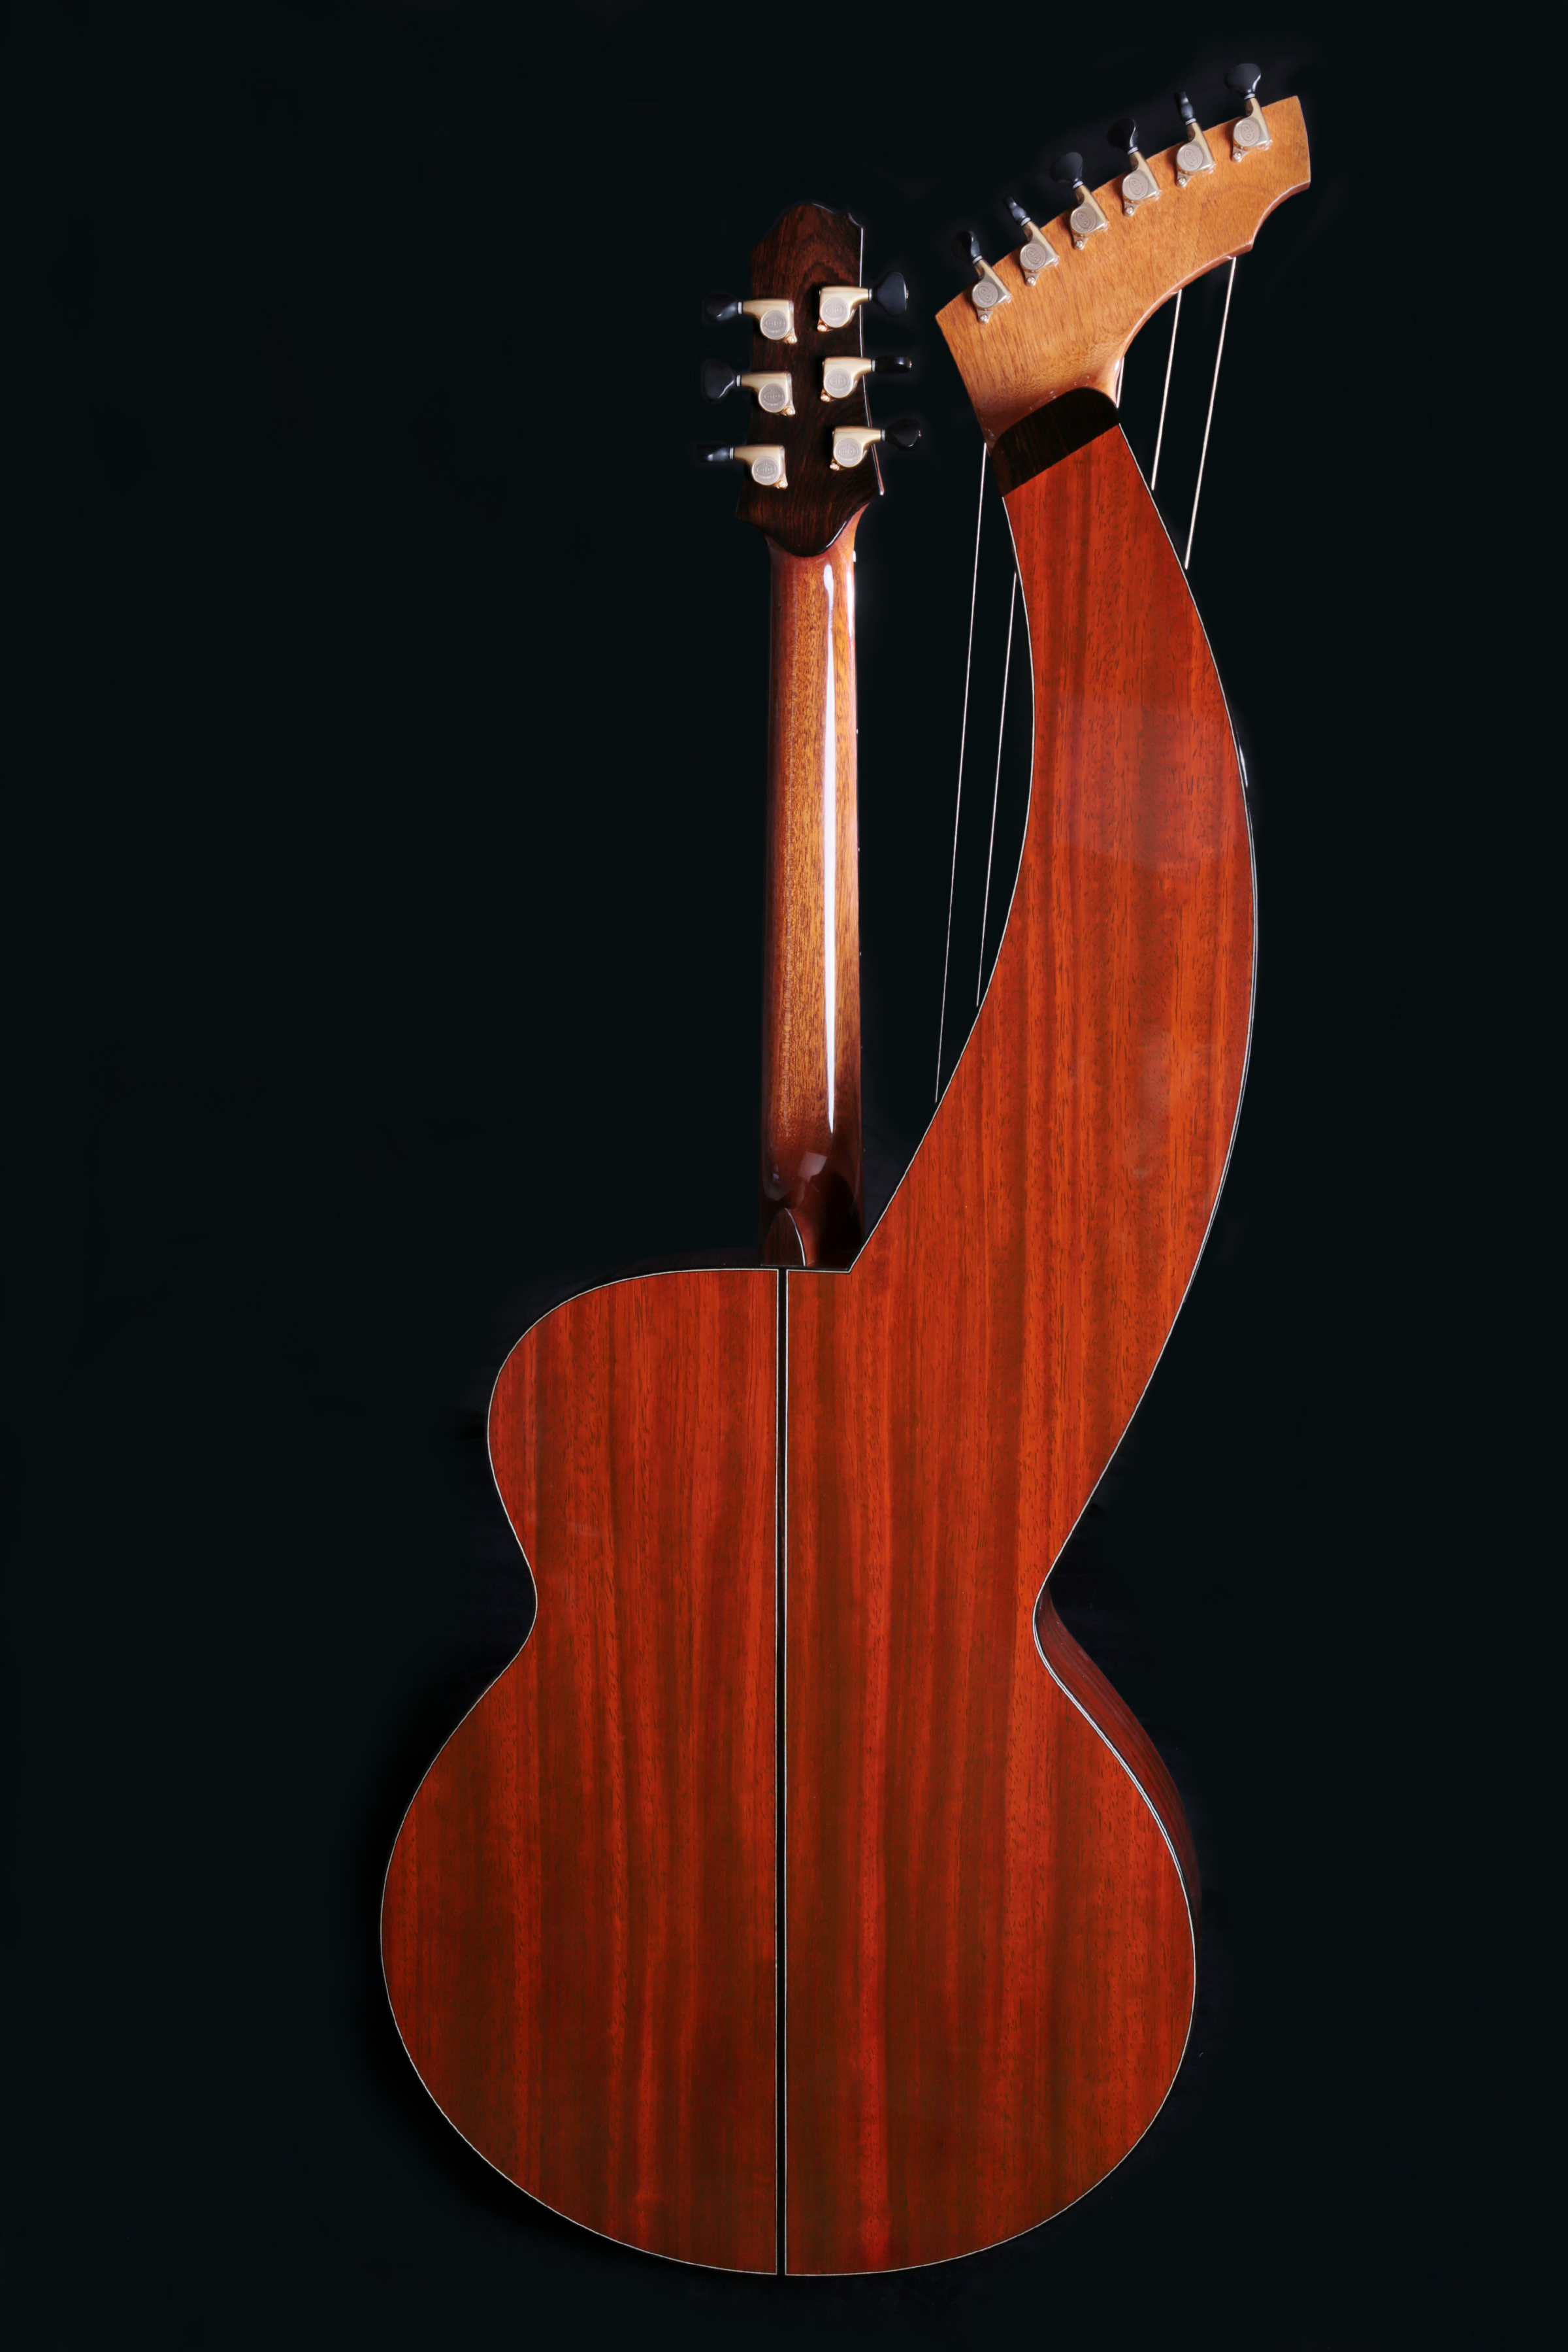 harp_8118p.jpg